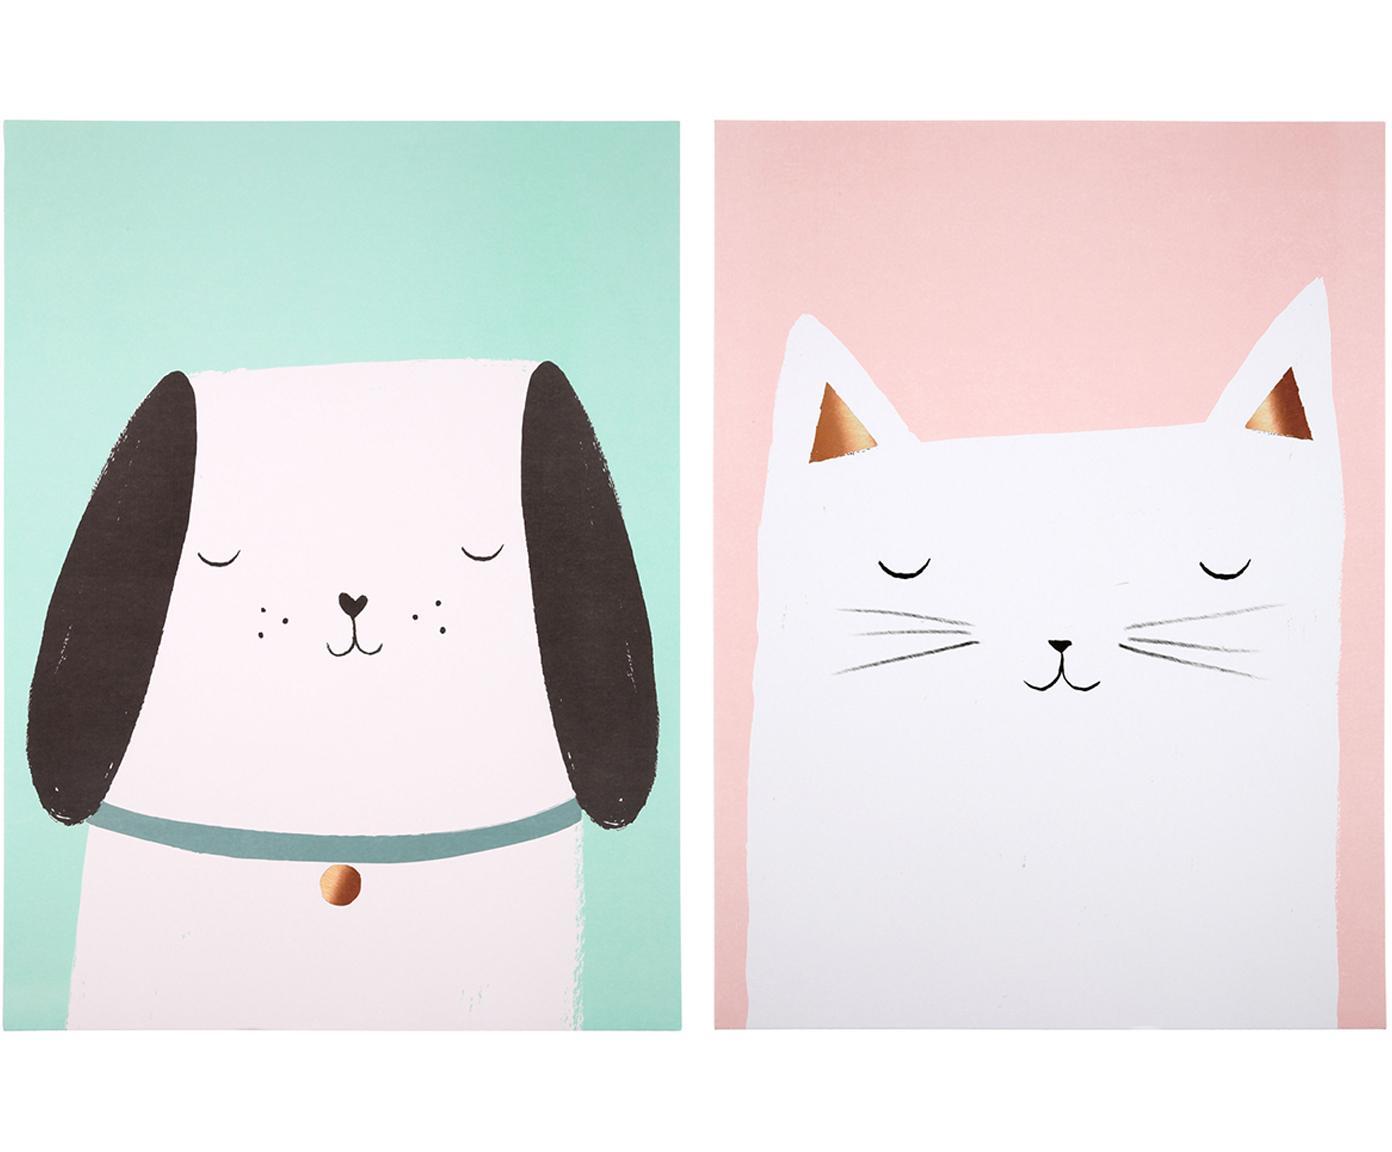 Poster-Set Cat & Dog, 2-tlg., Digitaldruck auf Papier, 200 g/m², Rosa, Grün, Weiss, Schwarz, 31 x 41 cm